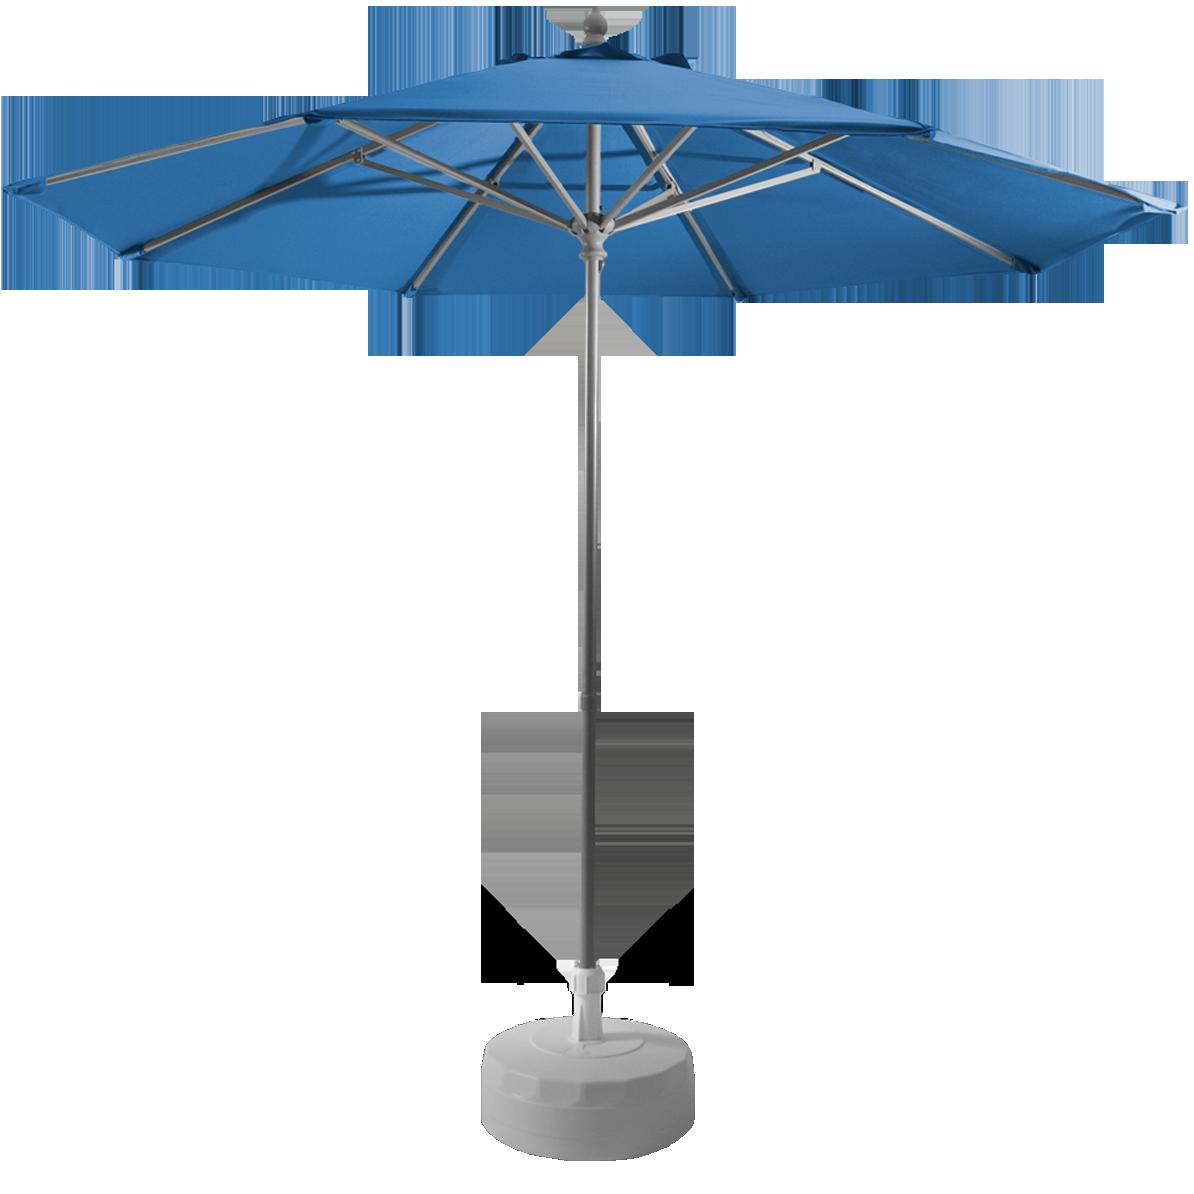 Sitmobel sillas proveedor de mobiliario quer taro compras sillas proveedor y compras - Proveedores de sillas ...